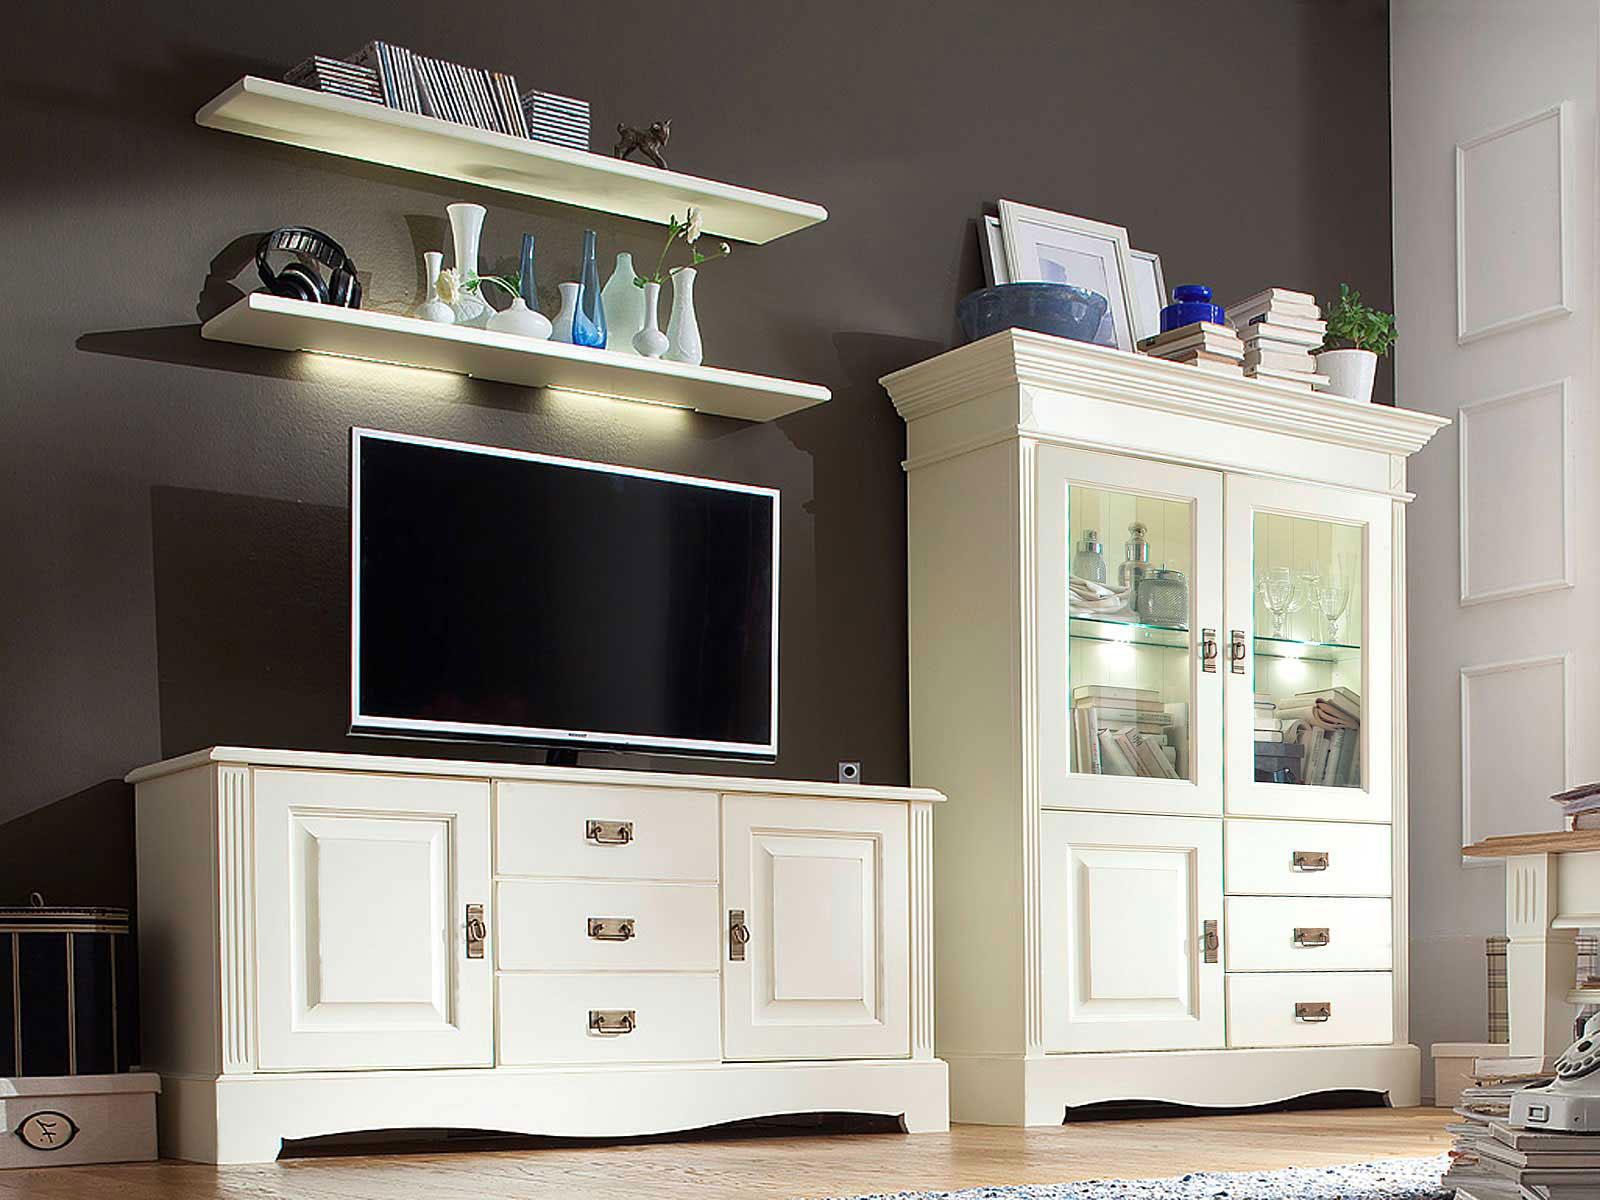 TV Schrank Set Wohnzimmer Padua 4-teilig B 294 x H 166 x T 45 cm Pinie  Nordica massiv